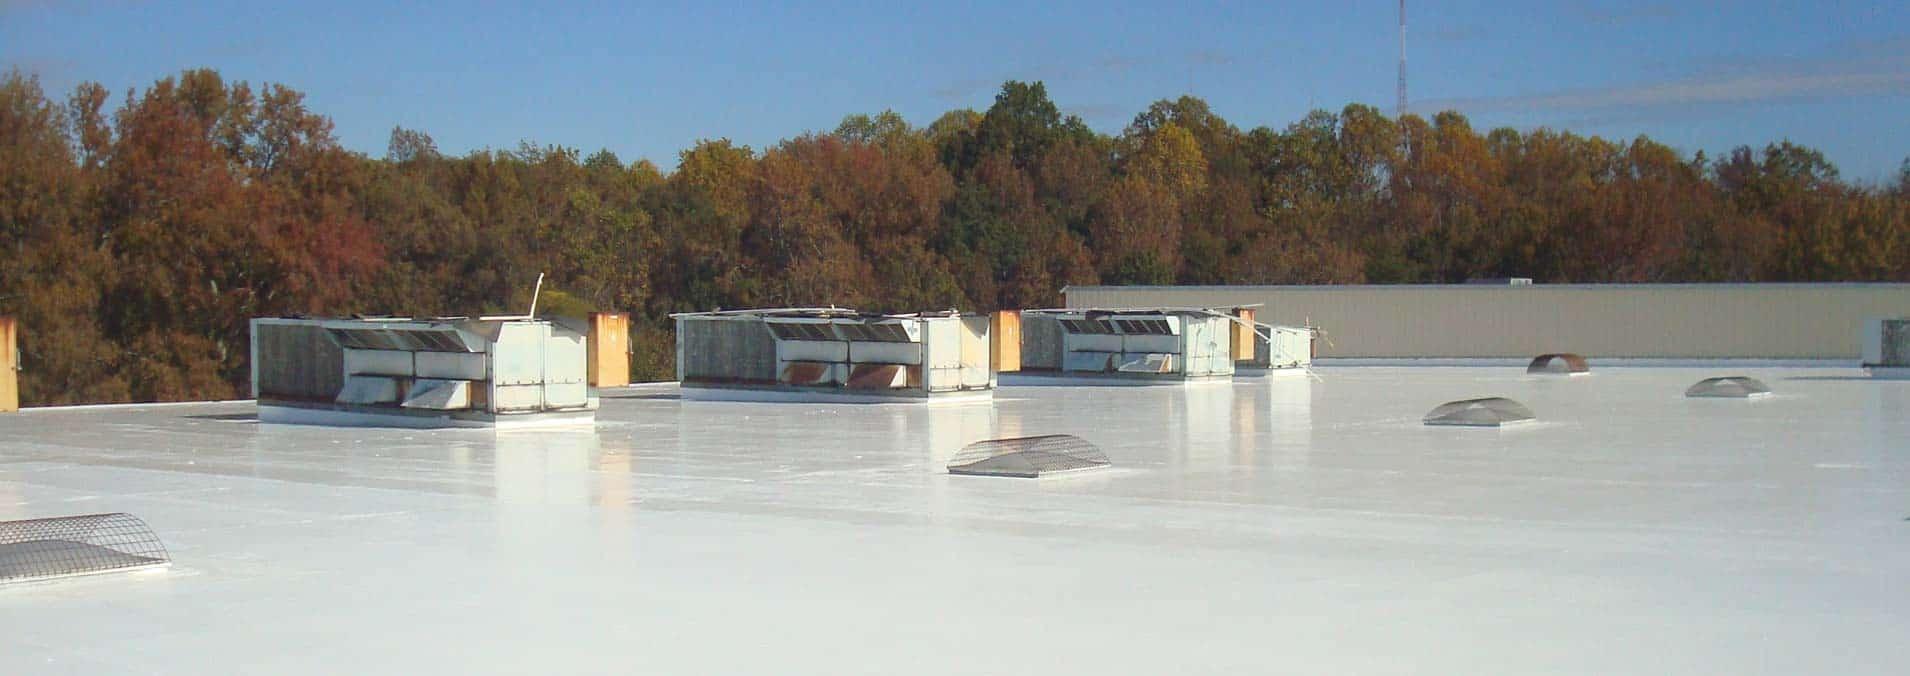 Elastomeric Roof Coatings Atlanta | Commercial Roof Repair | Atlanta